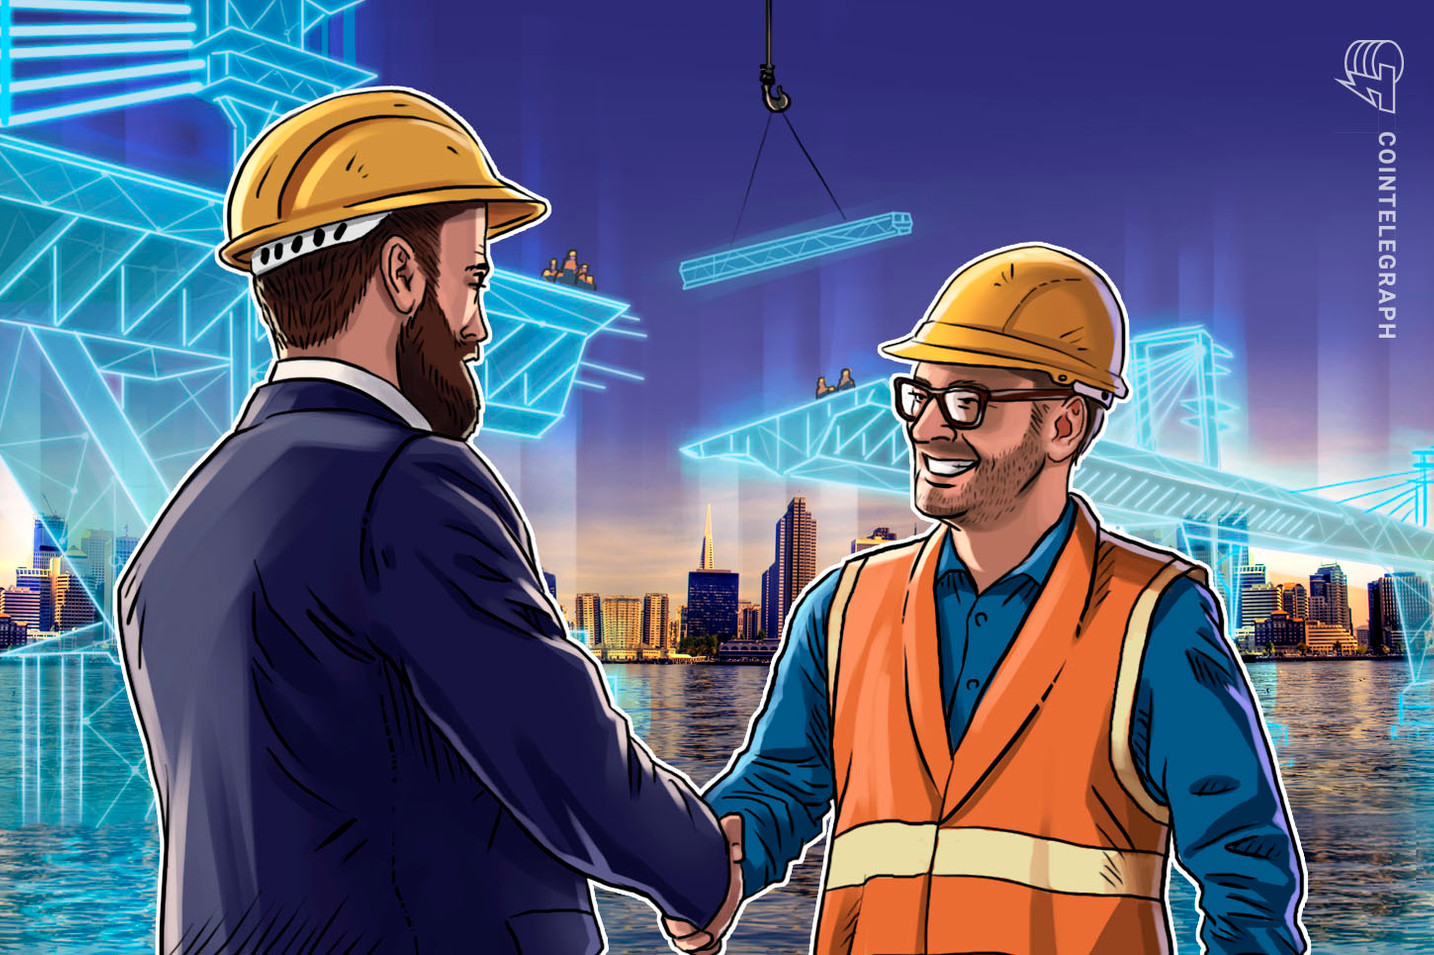 RSK lanza un puente 'trustless' de Bitcoin llamado Powpeg